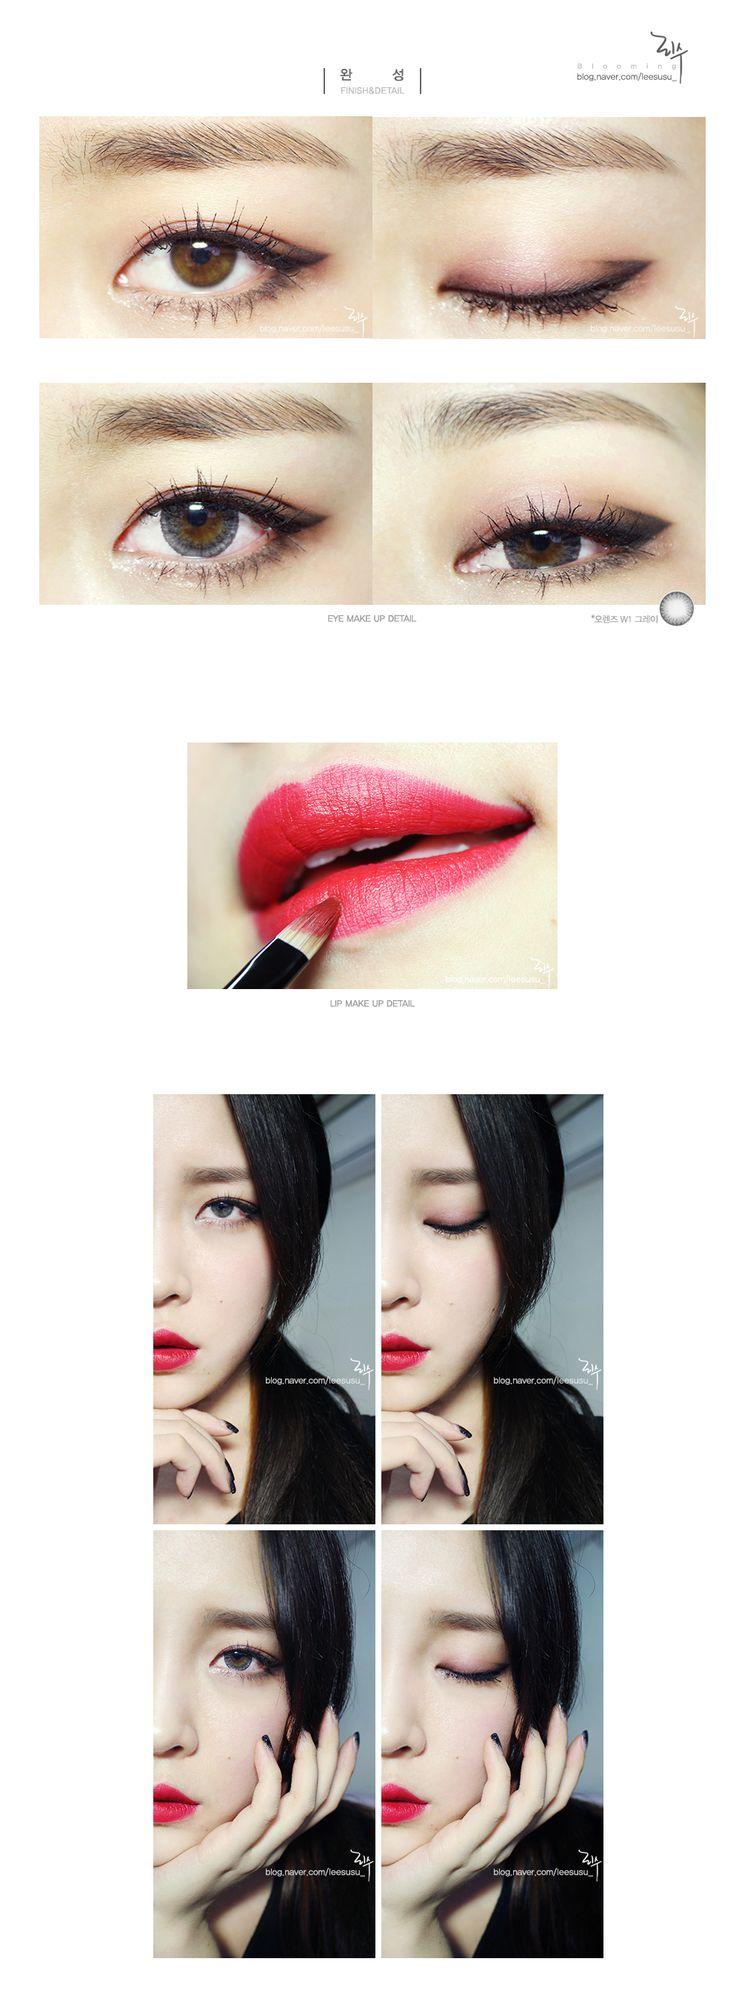 sunmi's full moon makeup tutorial, leesusu_ More